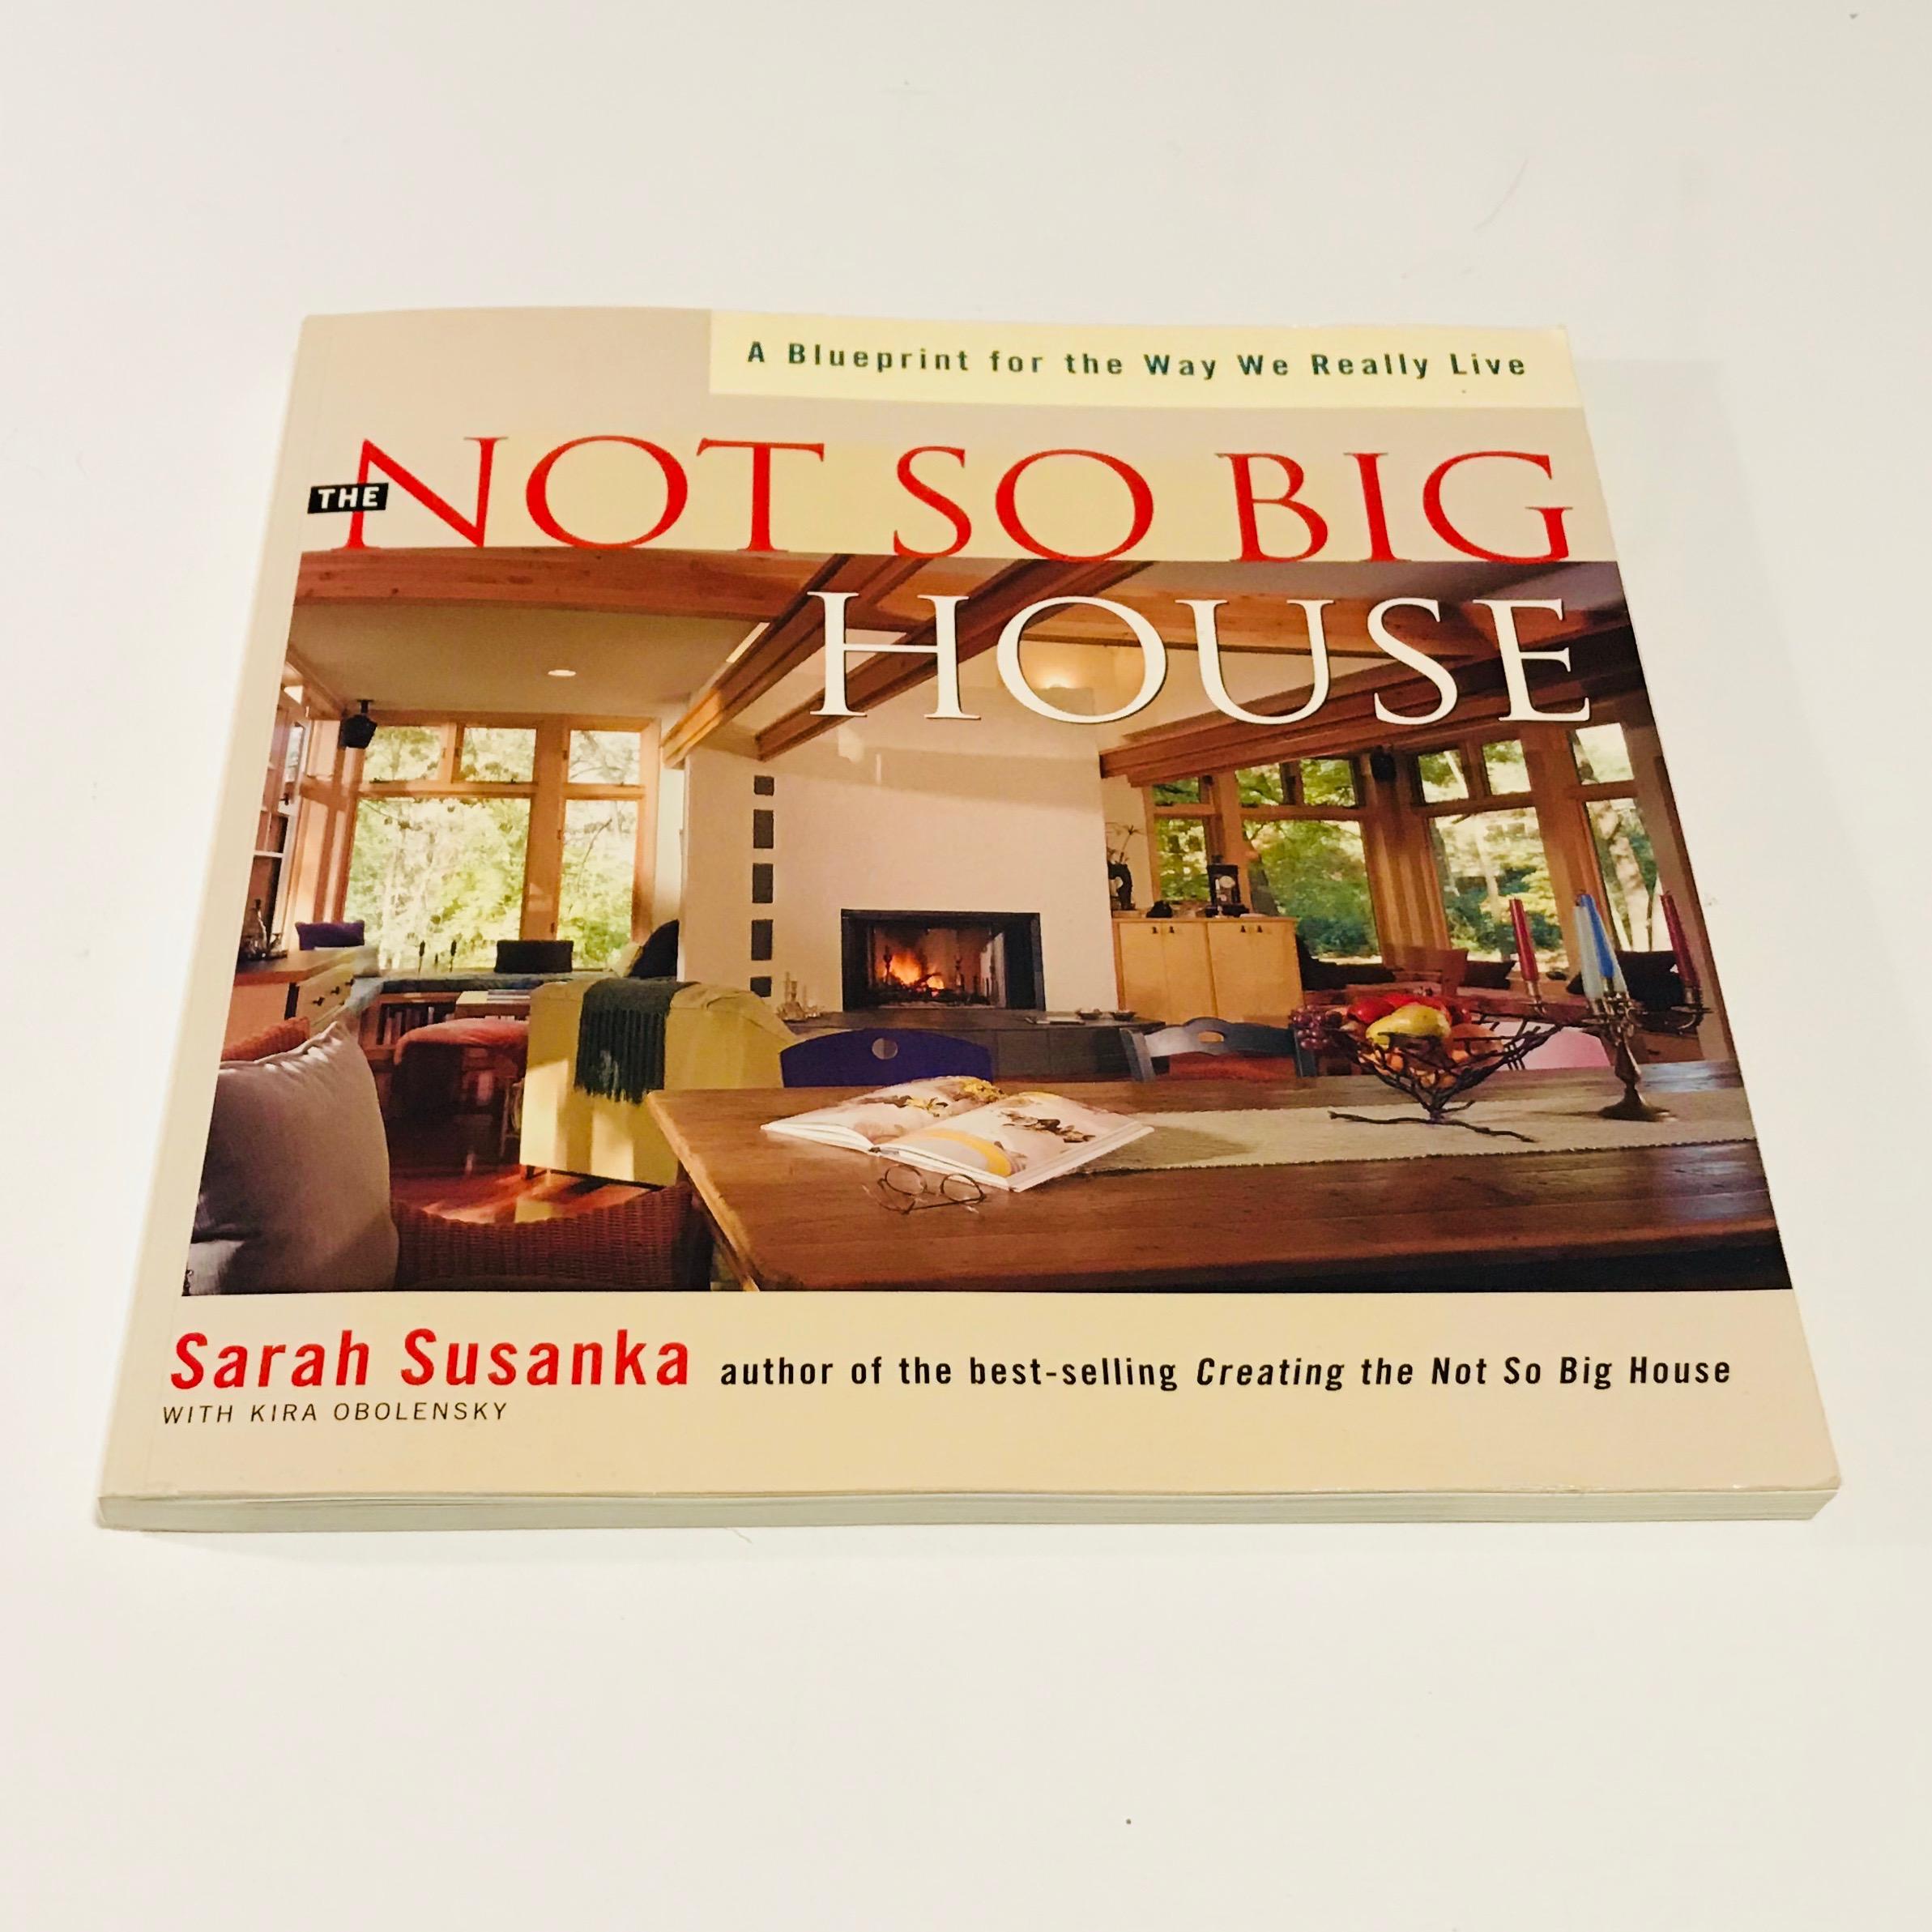 The Not So Big House - Sarah Susanka